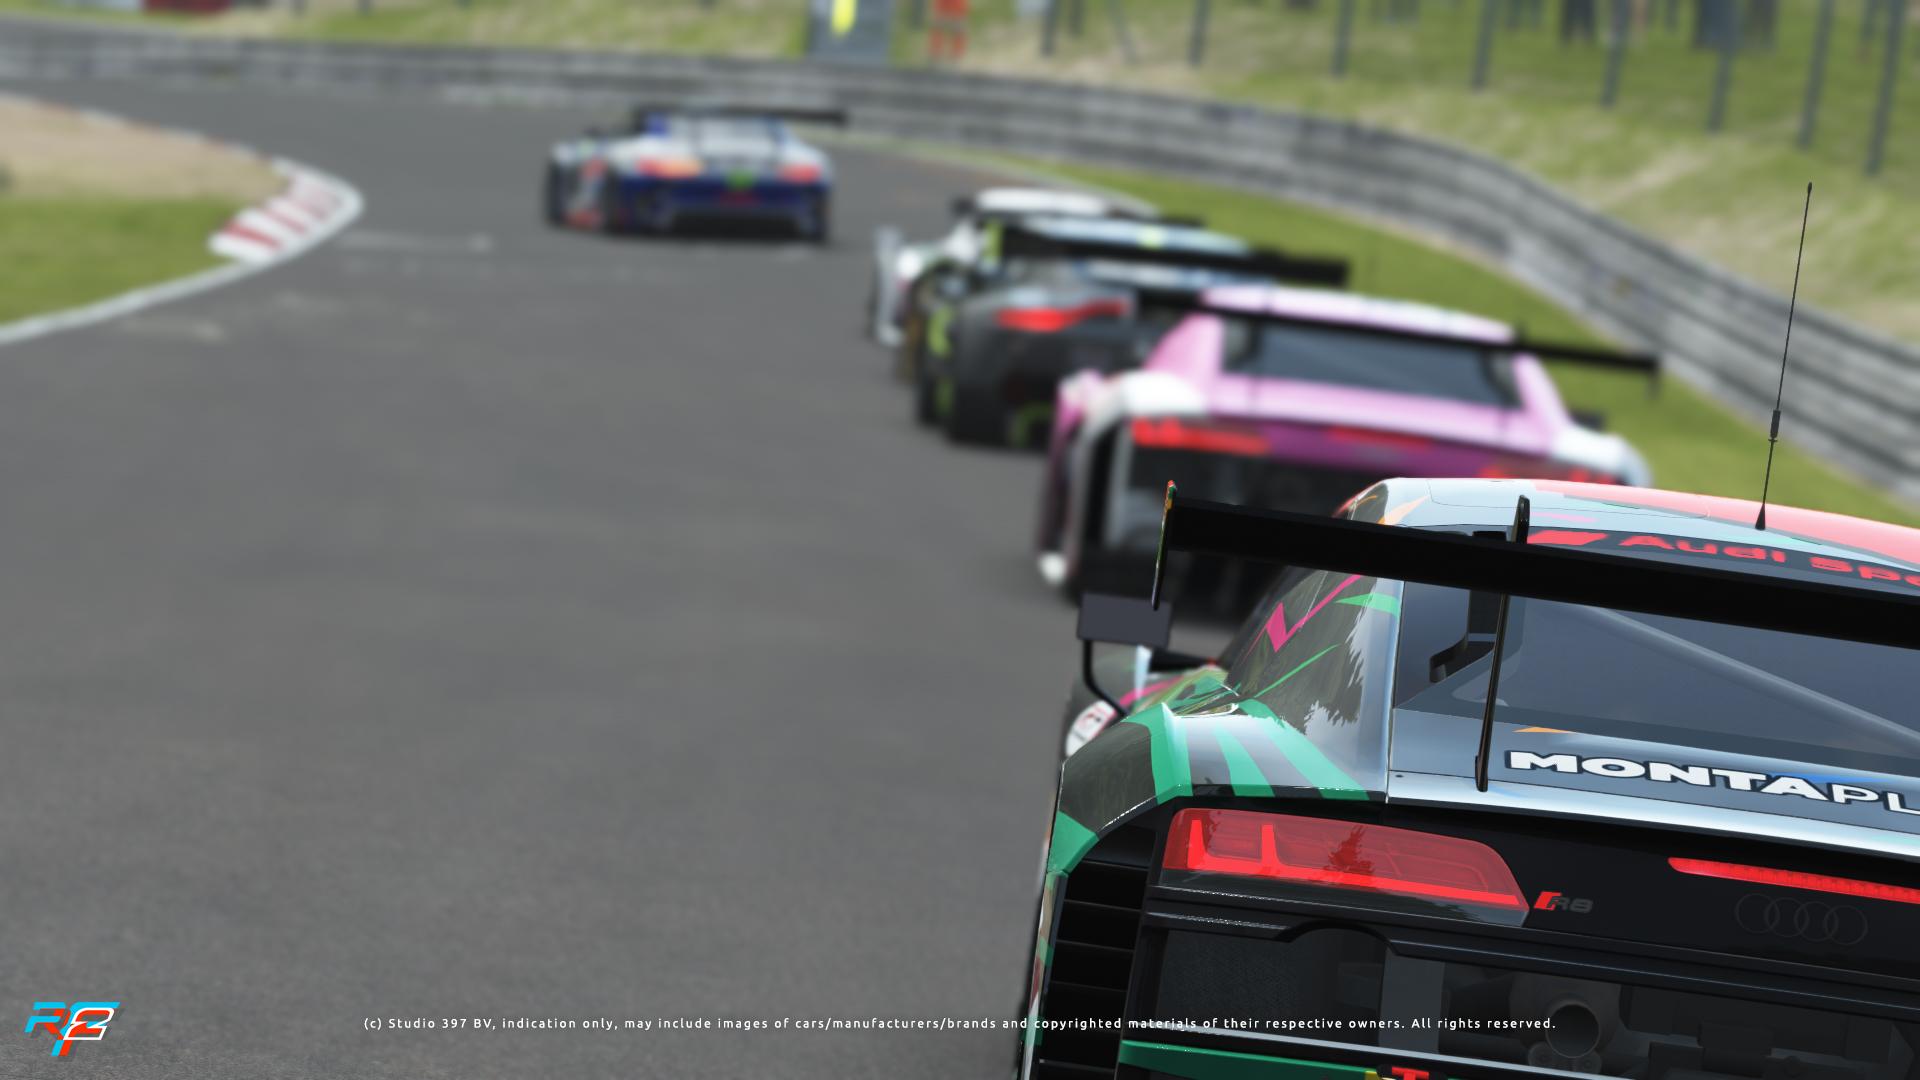 nurburgring_2020_october_screen_04.jpg